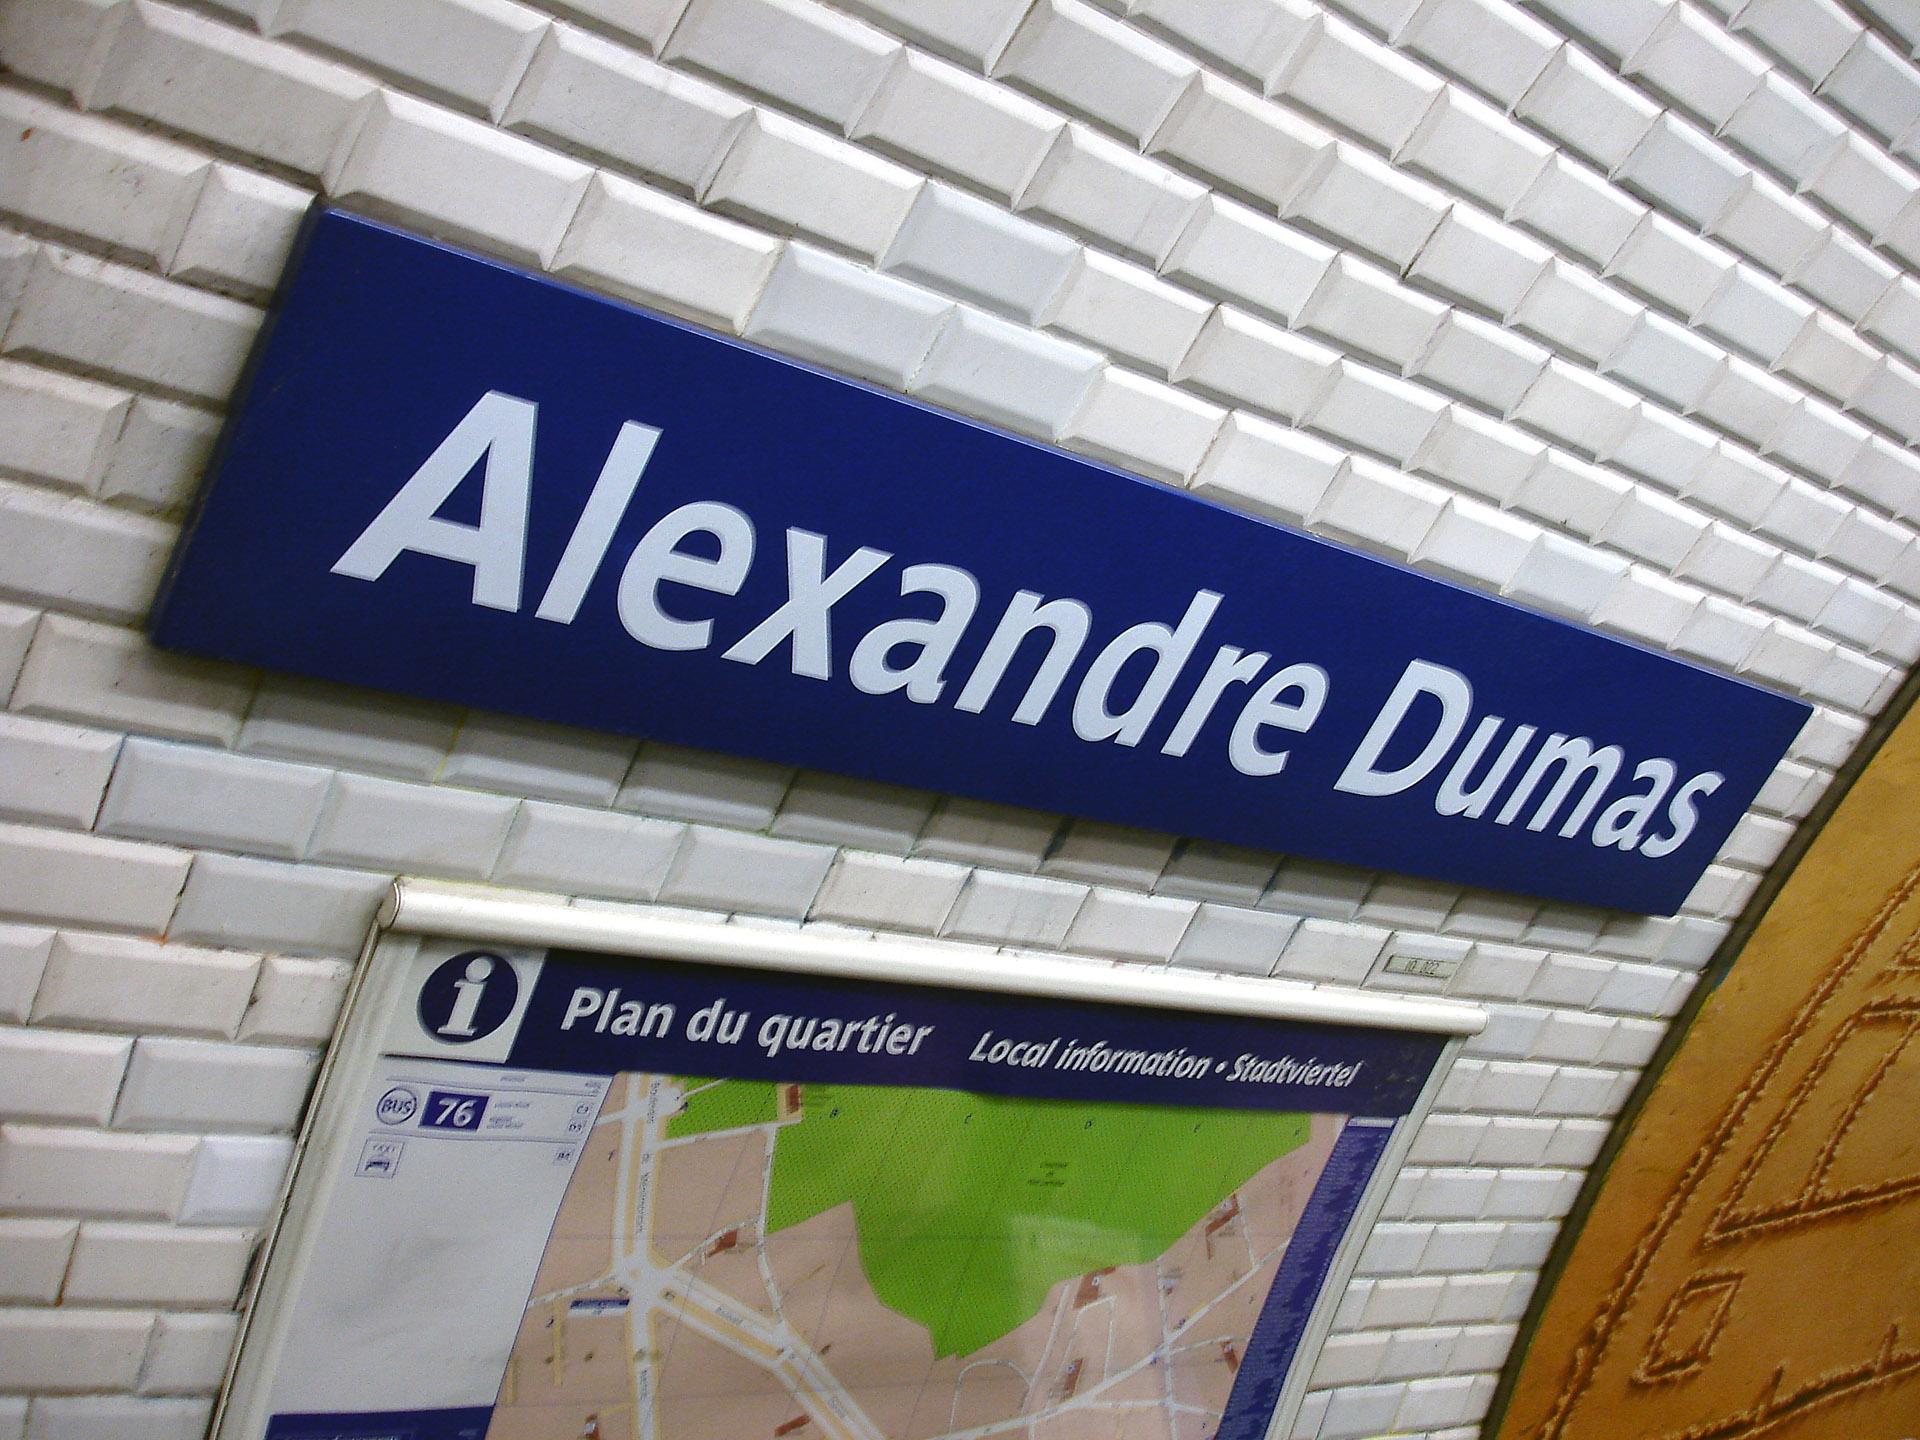 http://upload.wikimedia.org/wikipedia/commons/9/9c/Metro_de_Paris_-_Ligne_2_-_Alexandre_Dumas_05.jpg